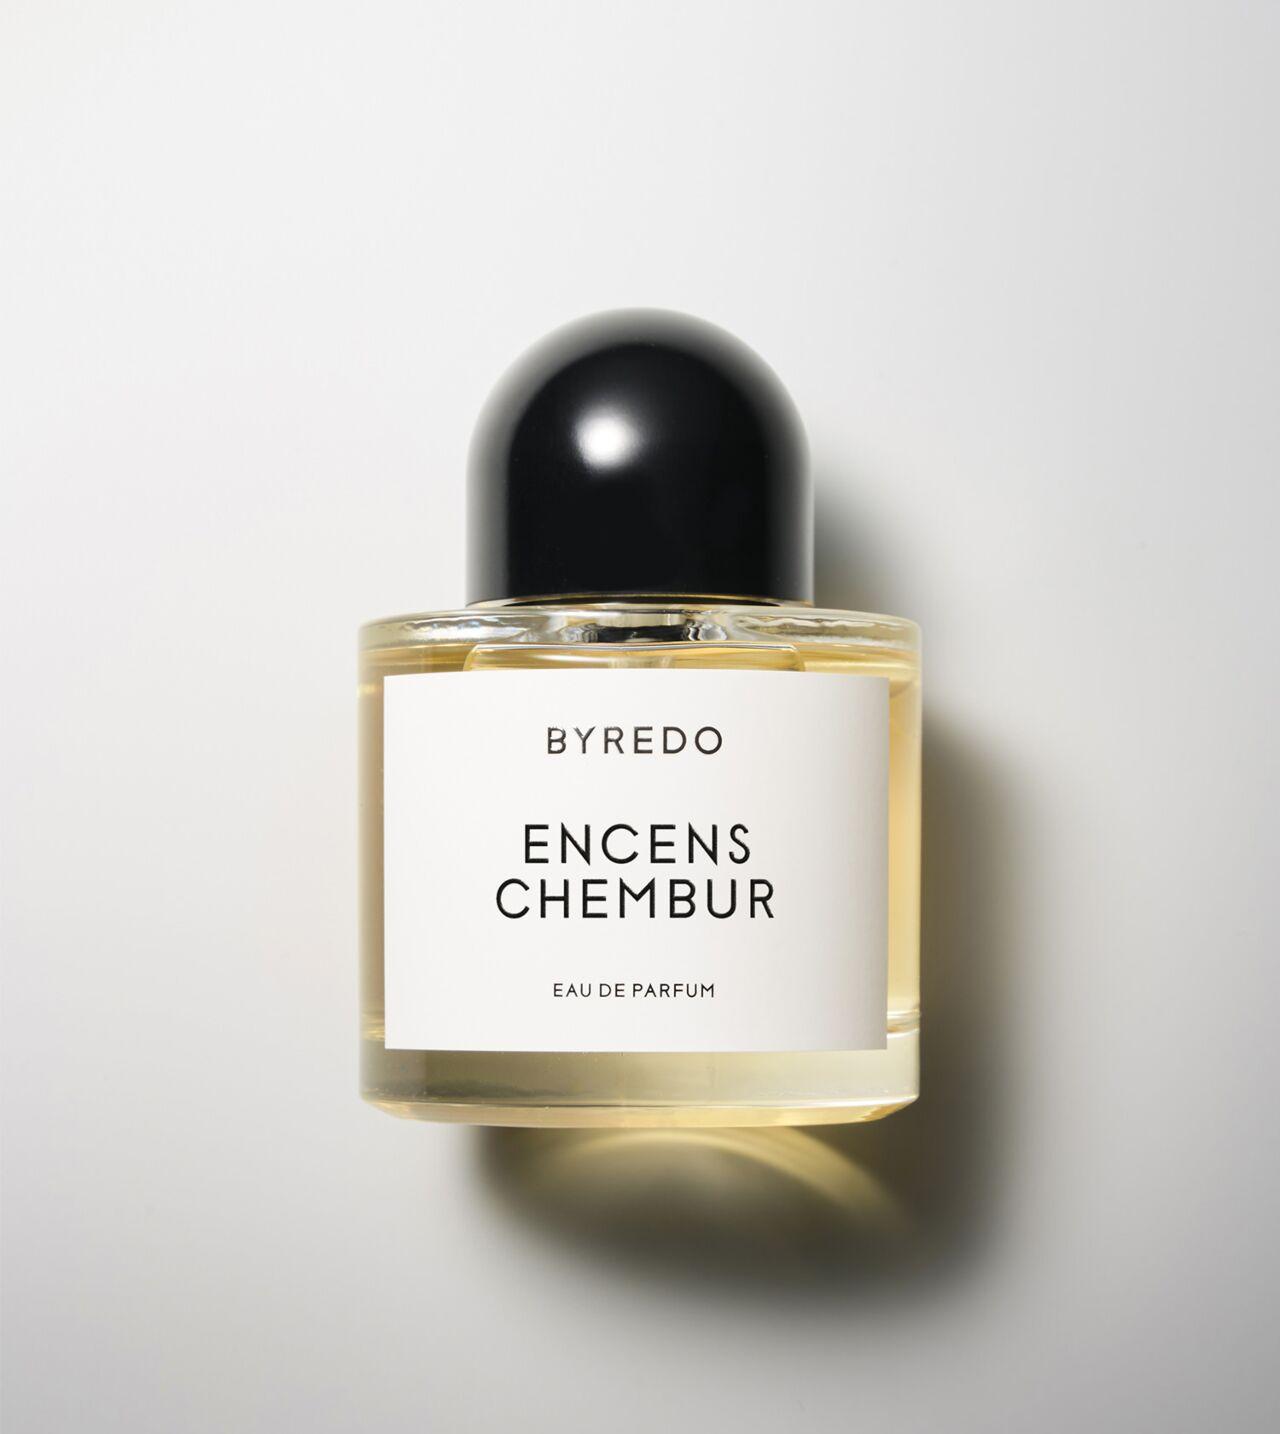 Picture of Byredo Encens Chembur Eau de Parfum 100ml